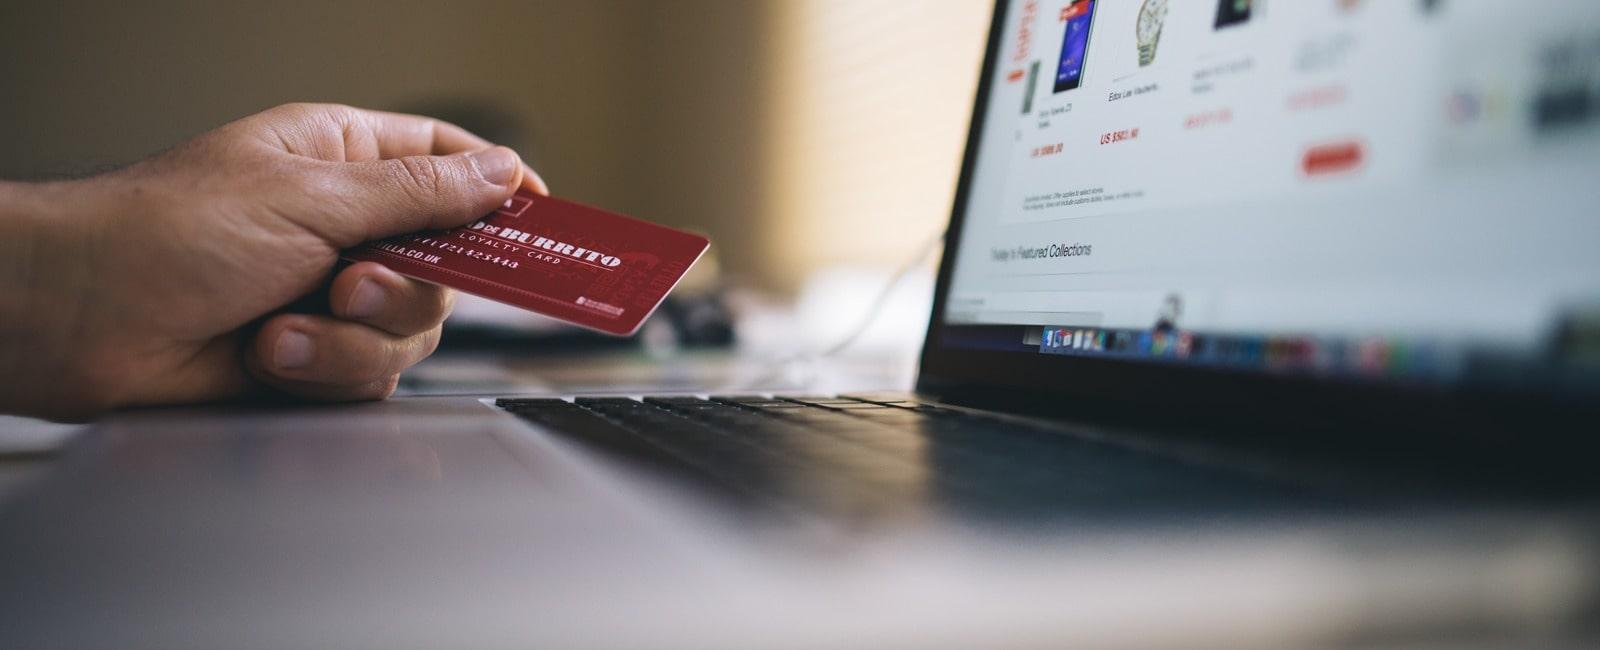 в Украине выросли покупки электроники онлайн на 25%